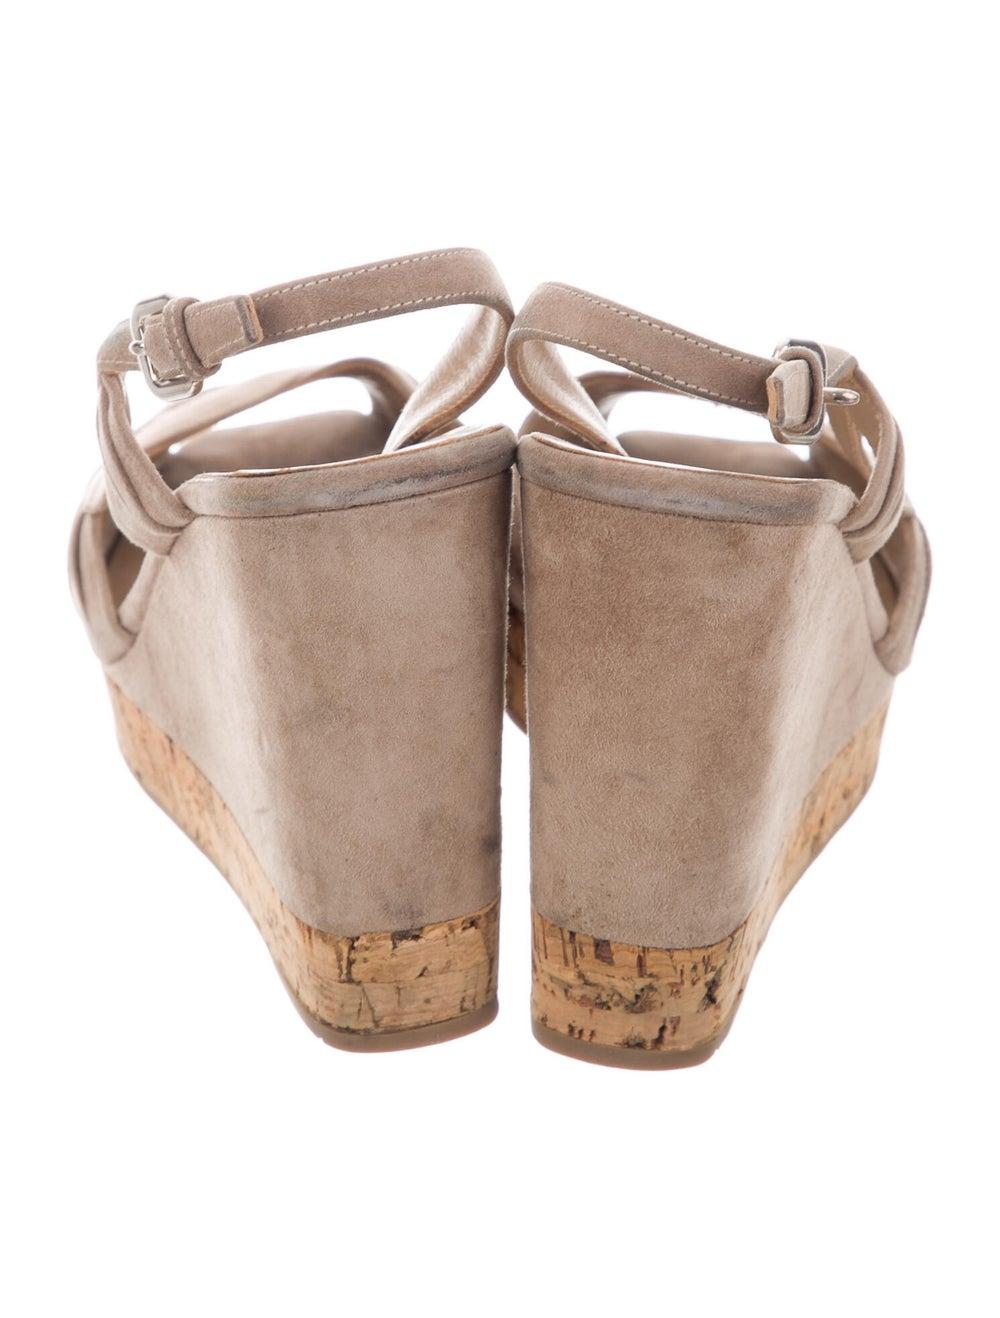 Prada Suede Slingback Sandals - image 4